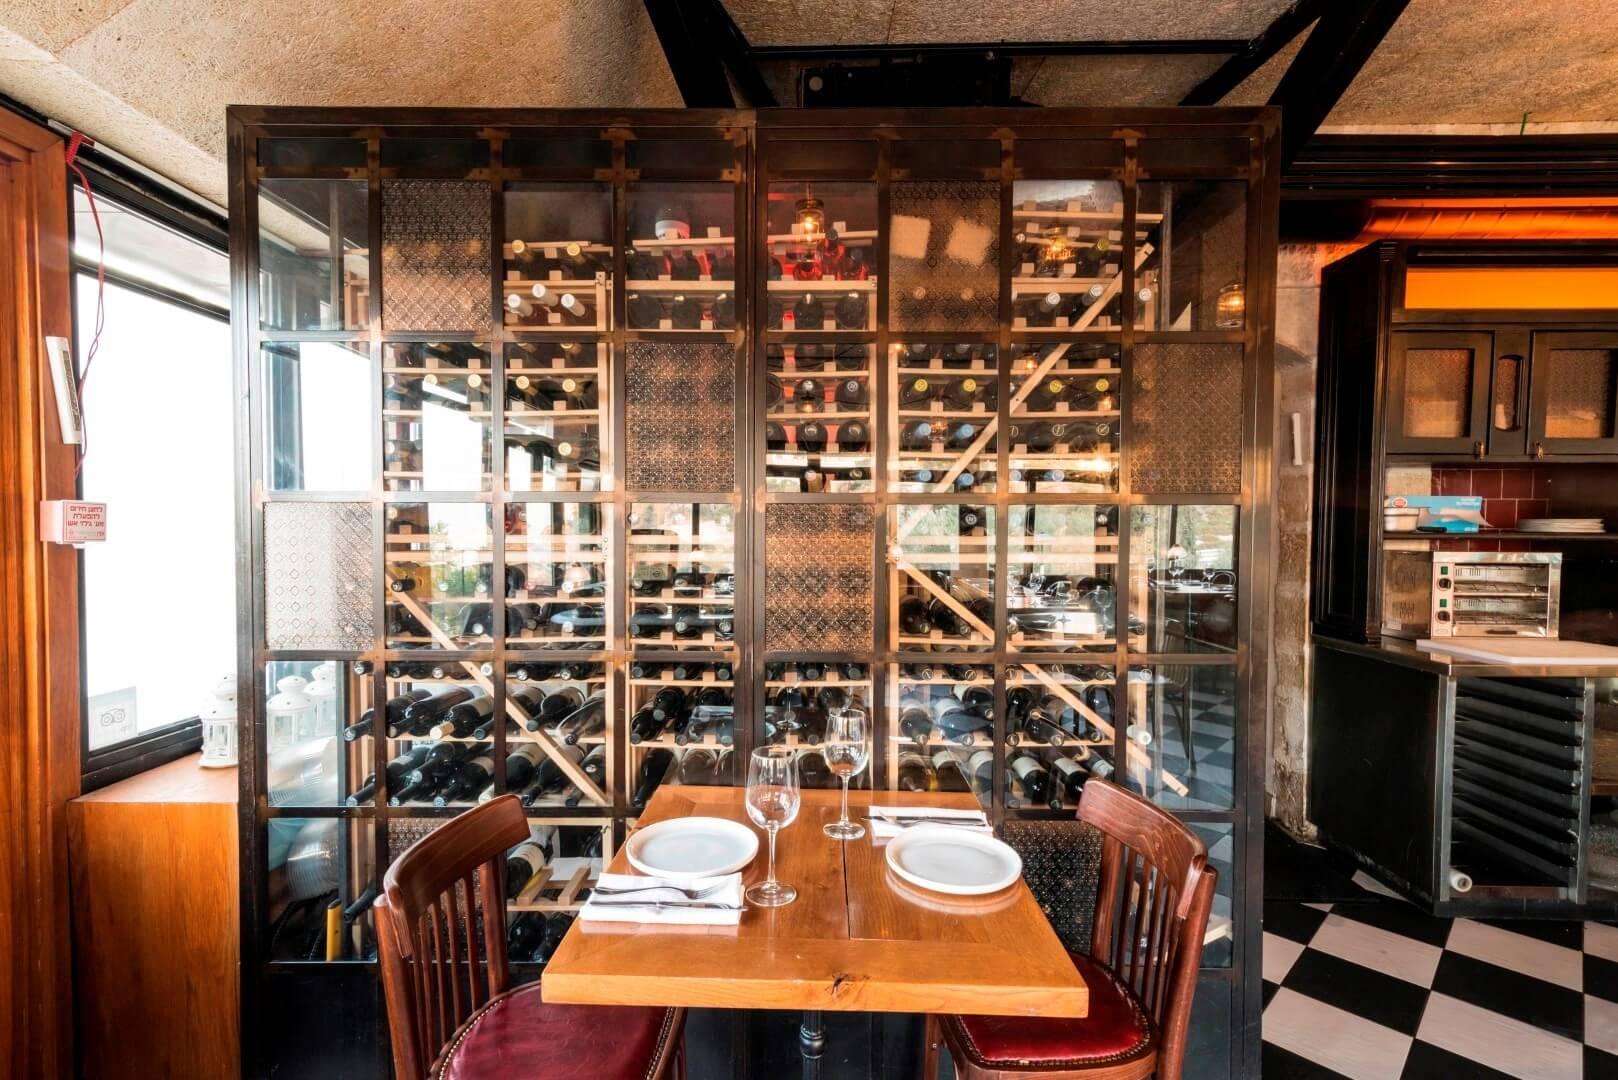 13 ארוחה זוגית במסעדת טורו של השף בני אשכנזי, ירושלים